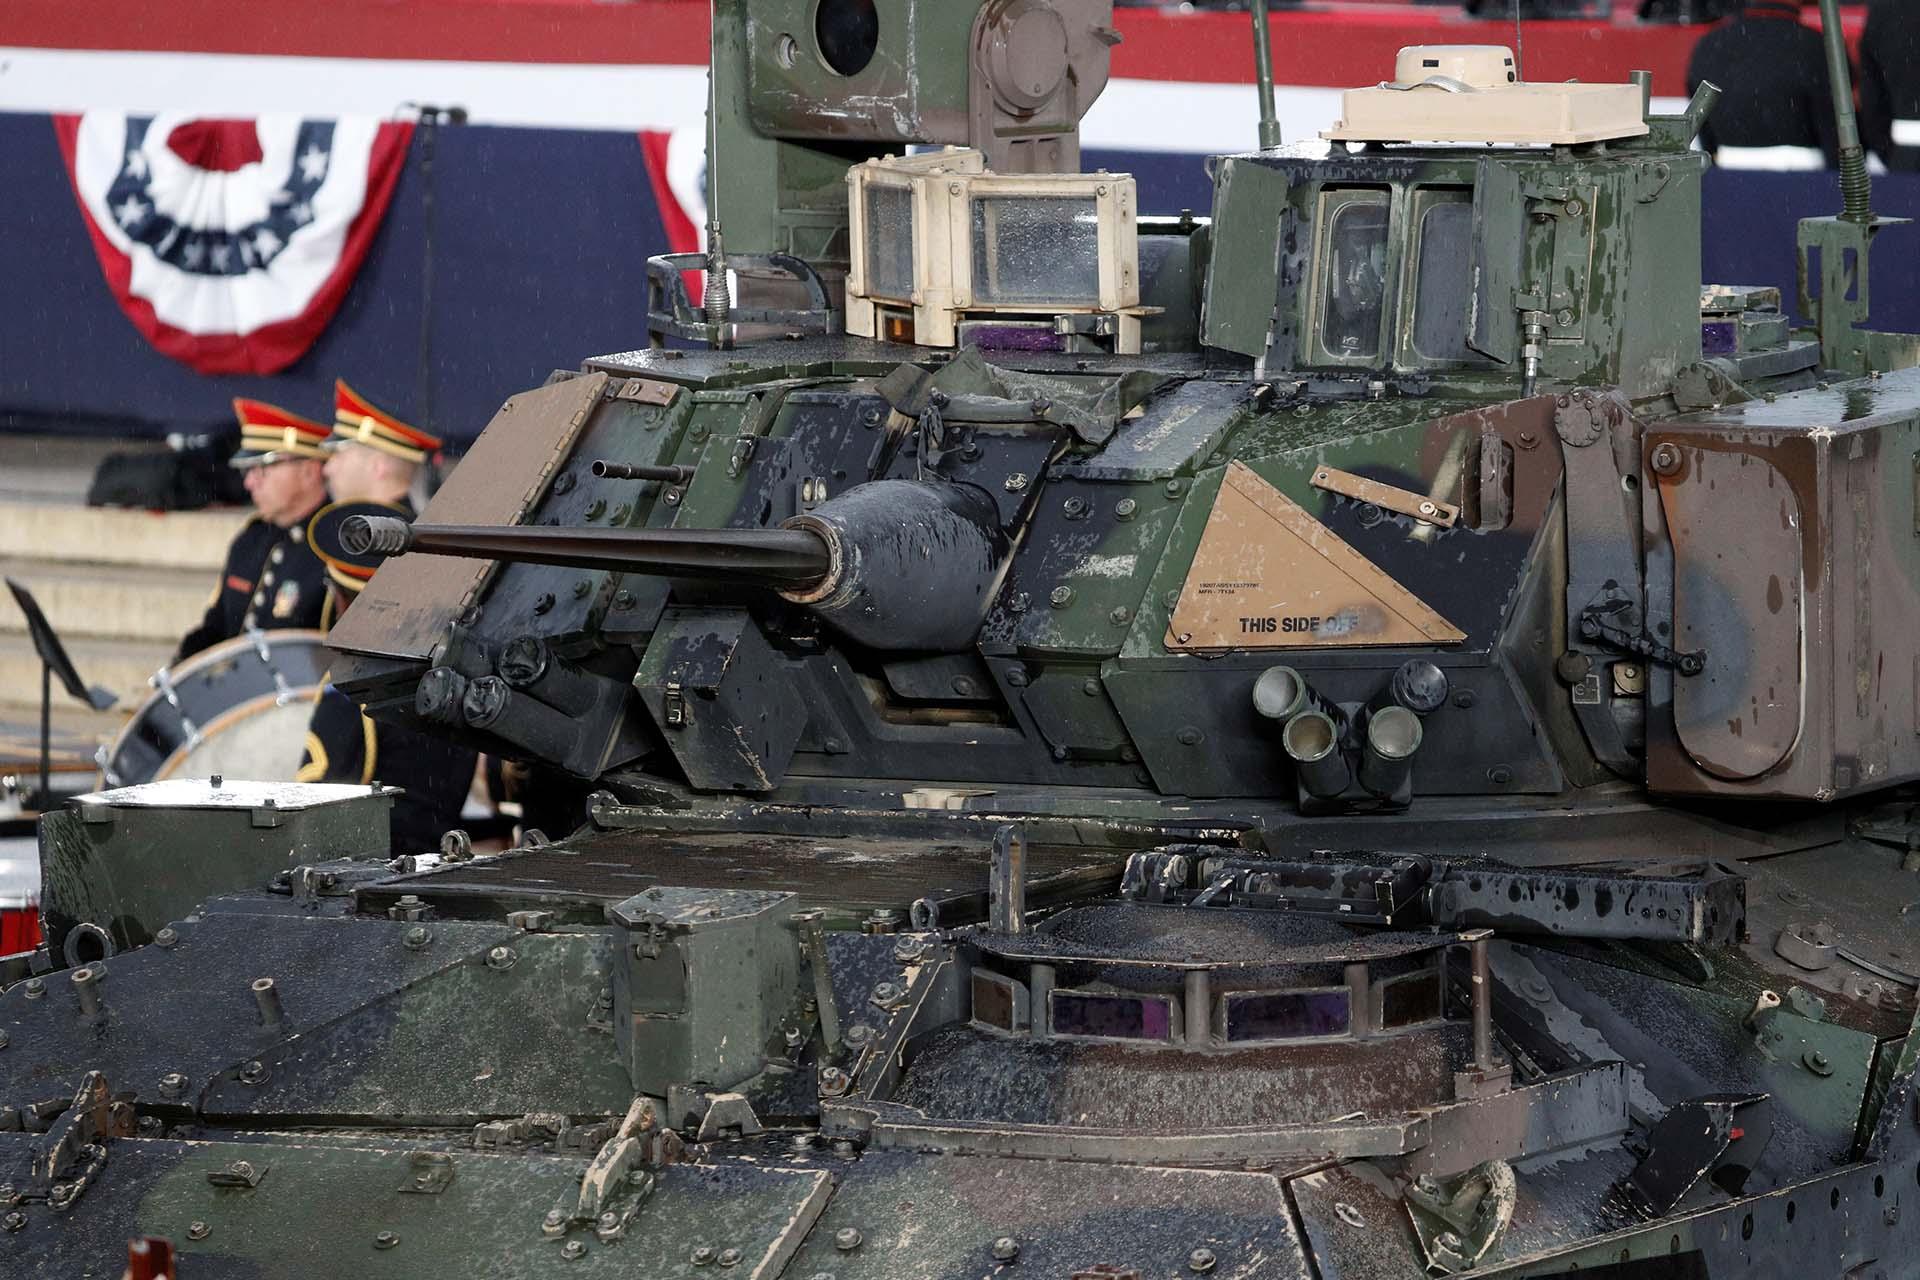 Las tropas exhibieron un vehículo de combate Bradley a metros del escenario donde habló Trump